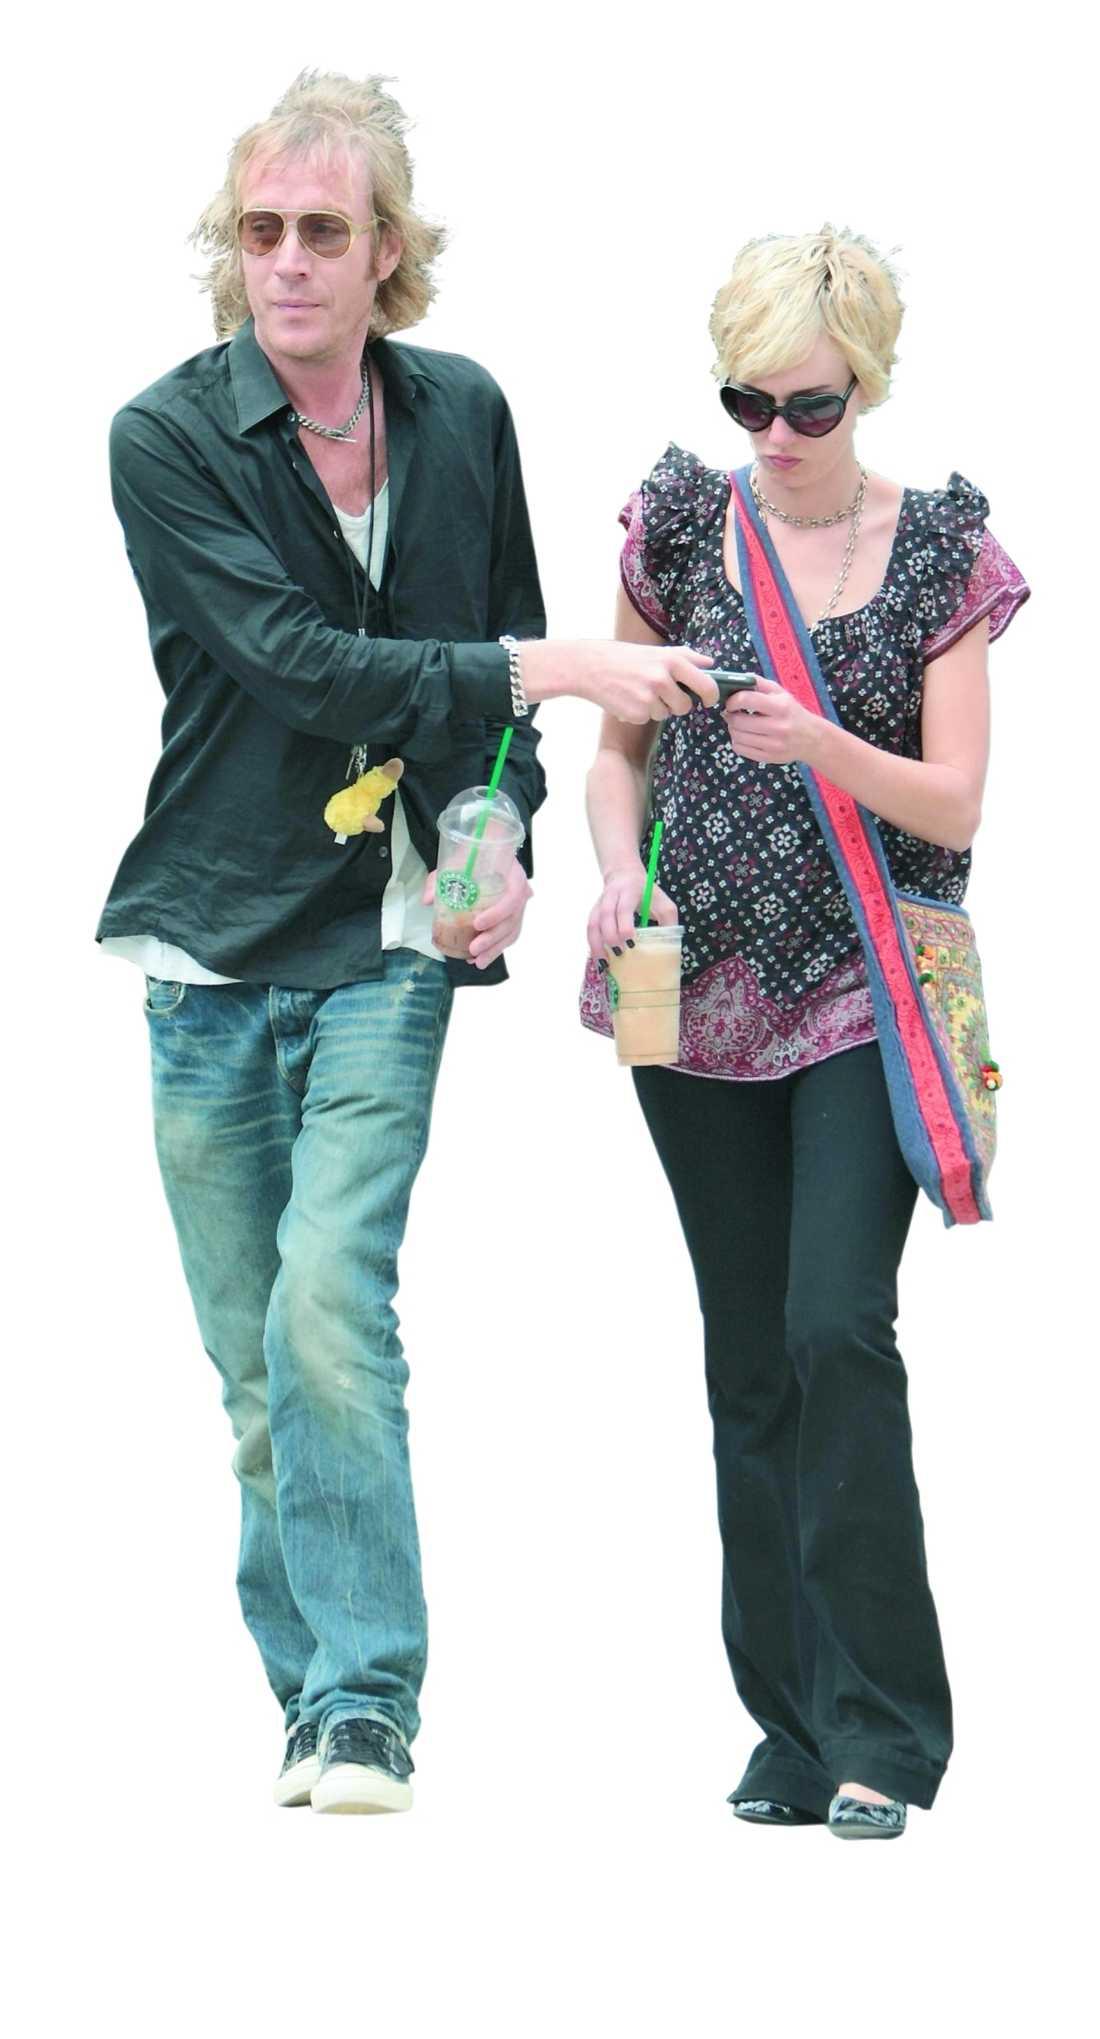 Rod Stewarts dotter Kimberly tröstade Rhys efter uppbrottet från Sienna Miller. Men nu är han singel igen. Med eftertryck.